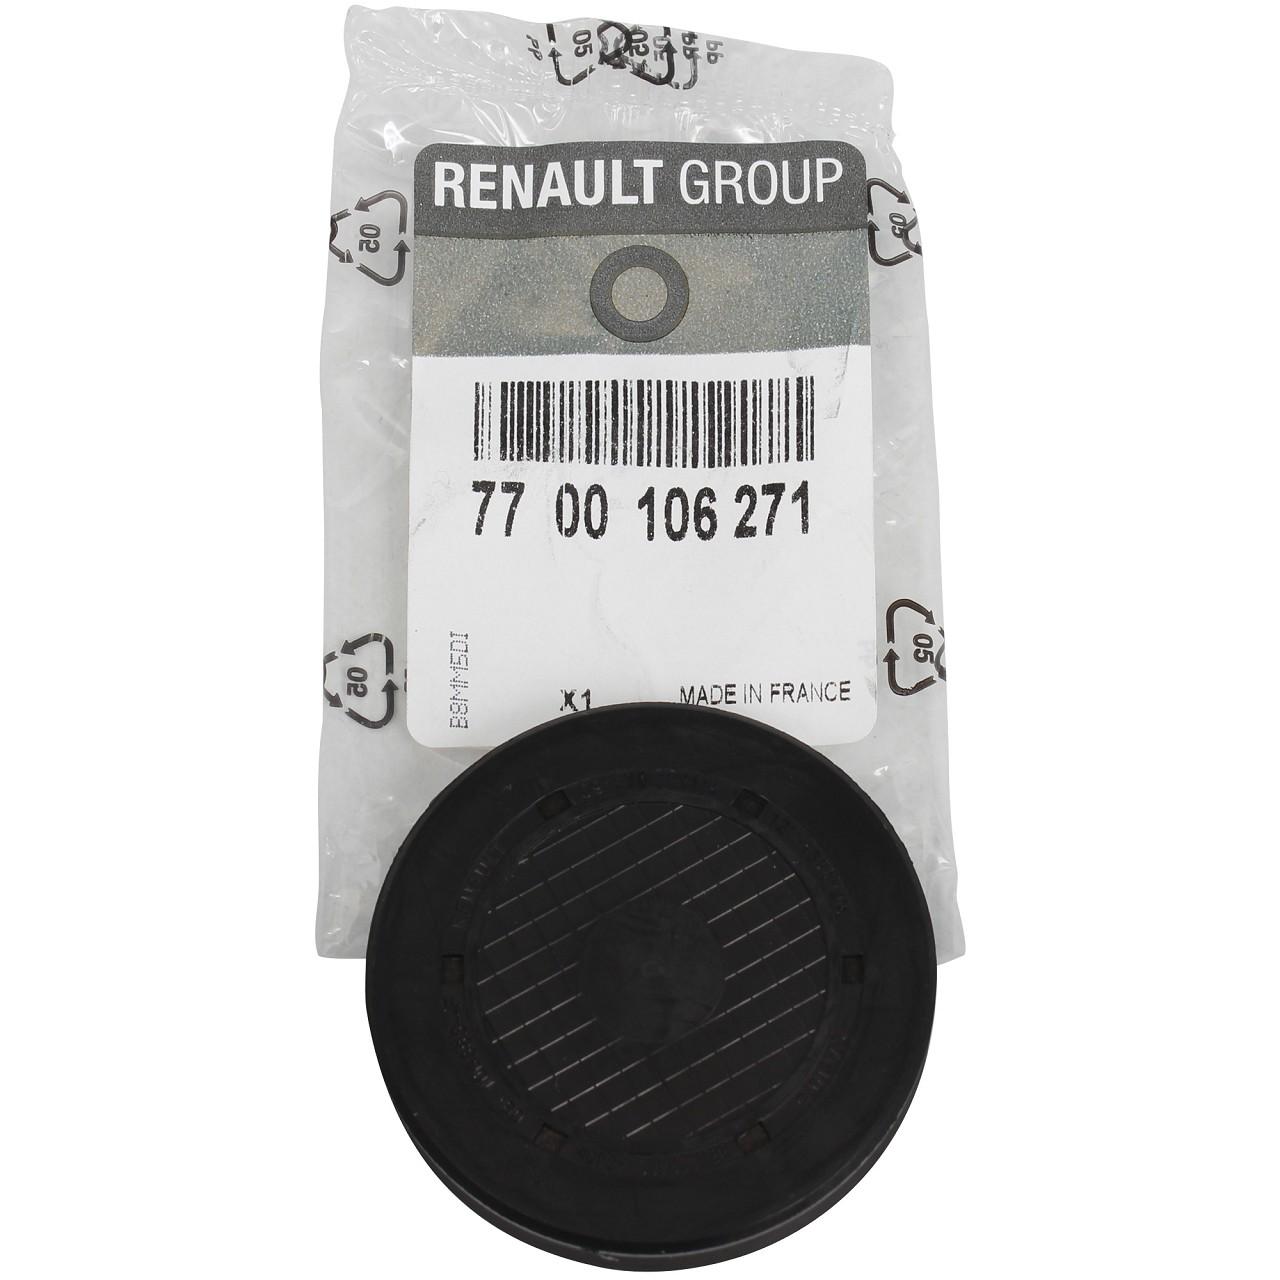 ORIGINAL Renault Stopfen Kipphebelwellen-Montagebohrung 7700106271